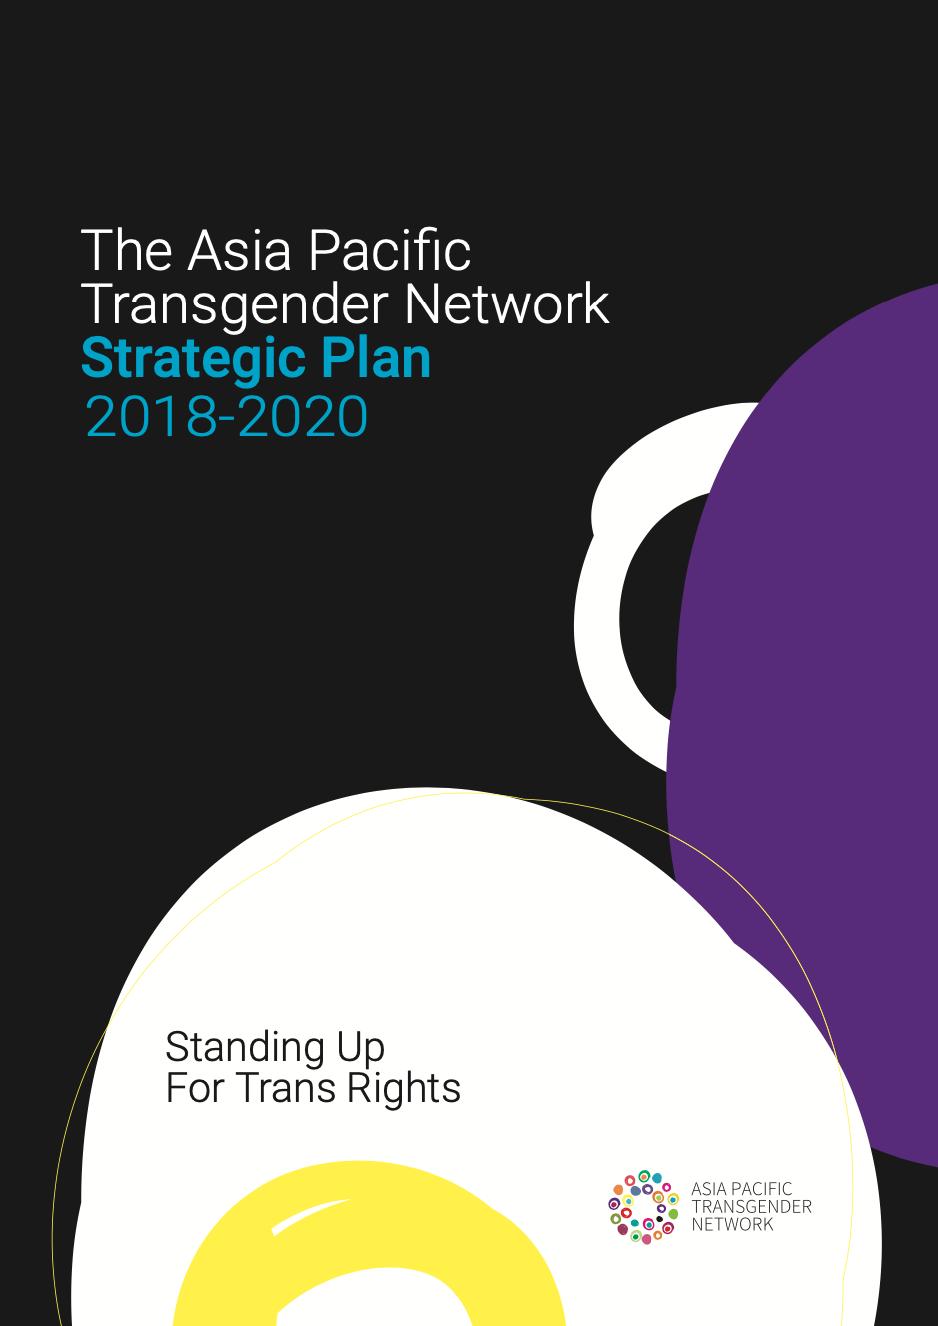 APTN Strategic Plan